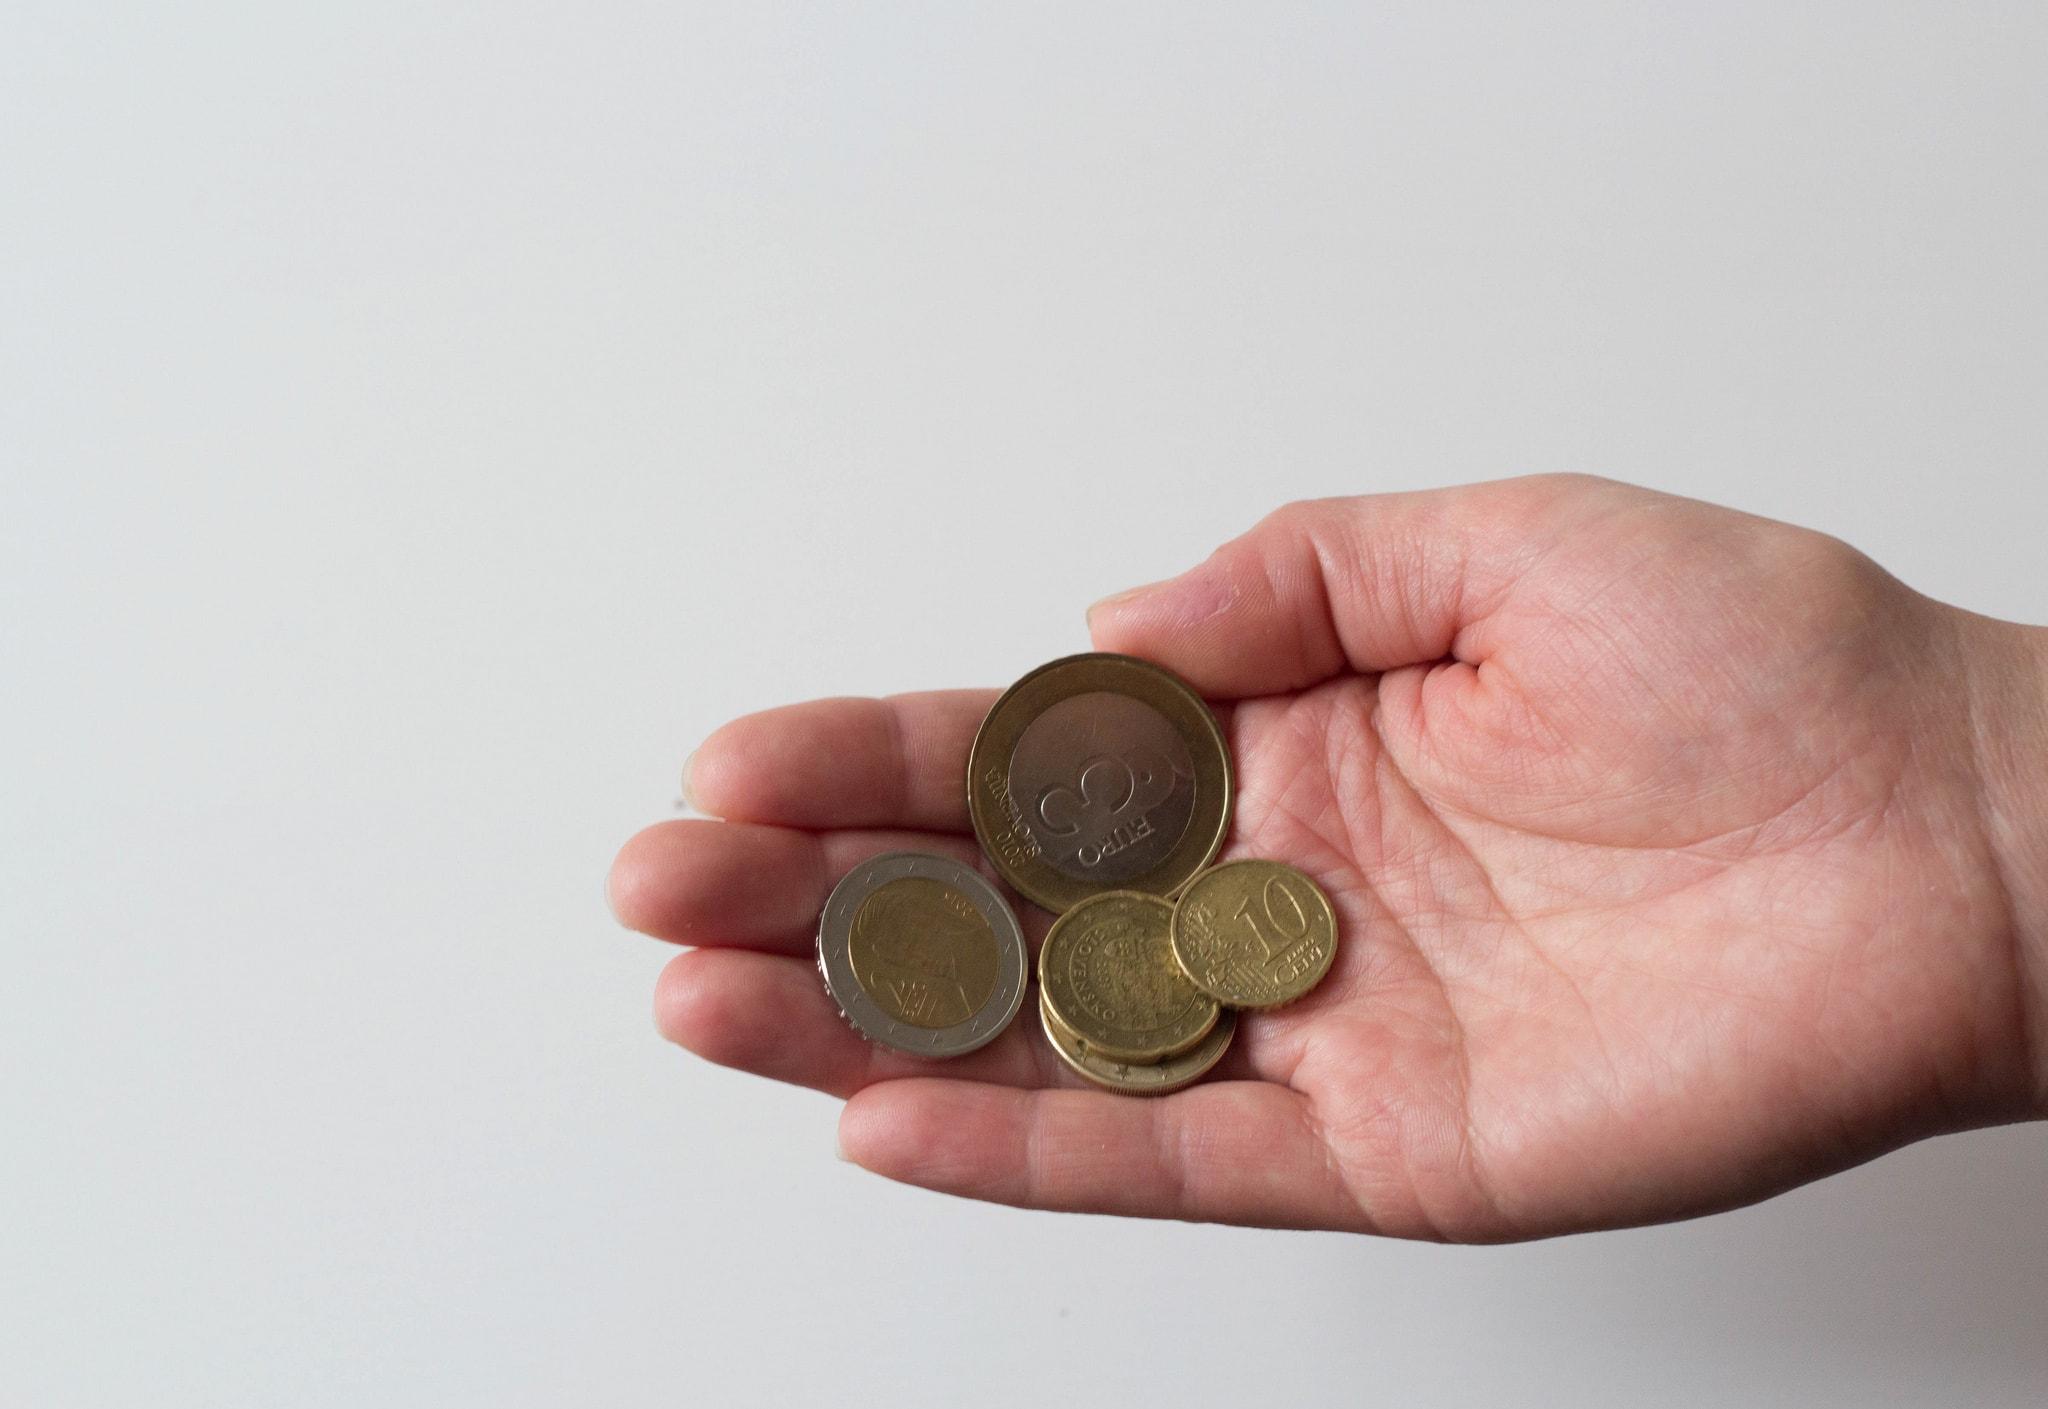 Tham gia bảo hiểm nhân thọ là cách quản lý tiền bạc tốt nhất